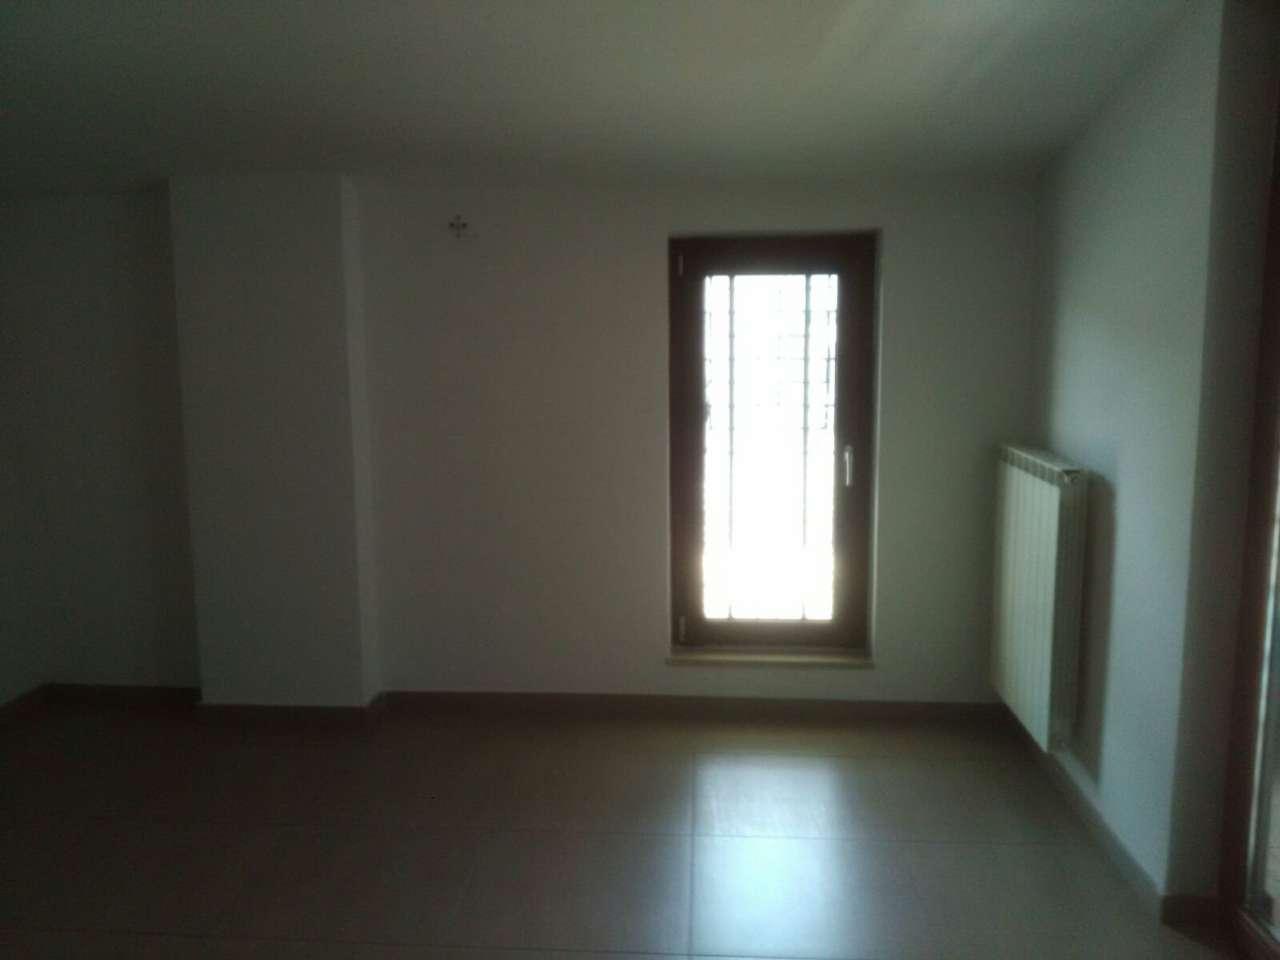 Villa in affitto a Villaricca, 9 locali, prezzo € 650 | CambioCasa.it